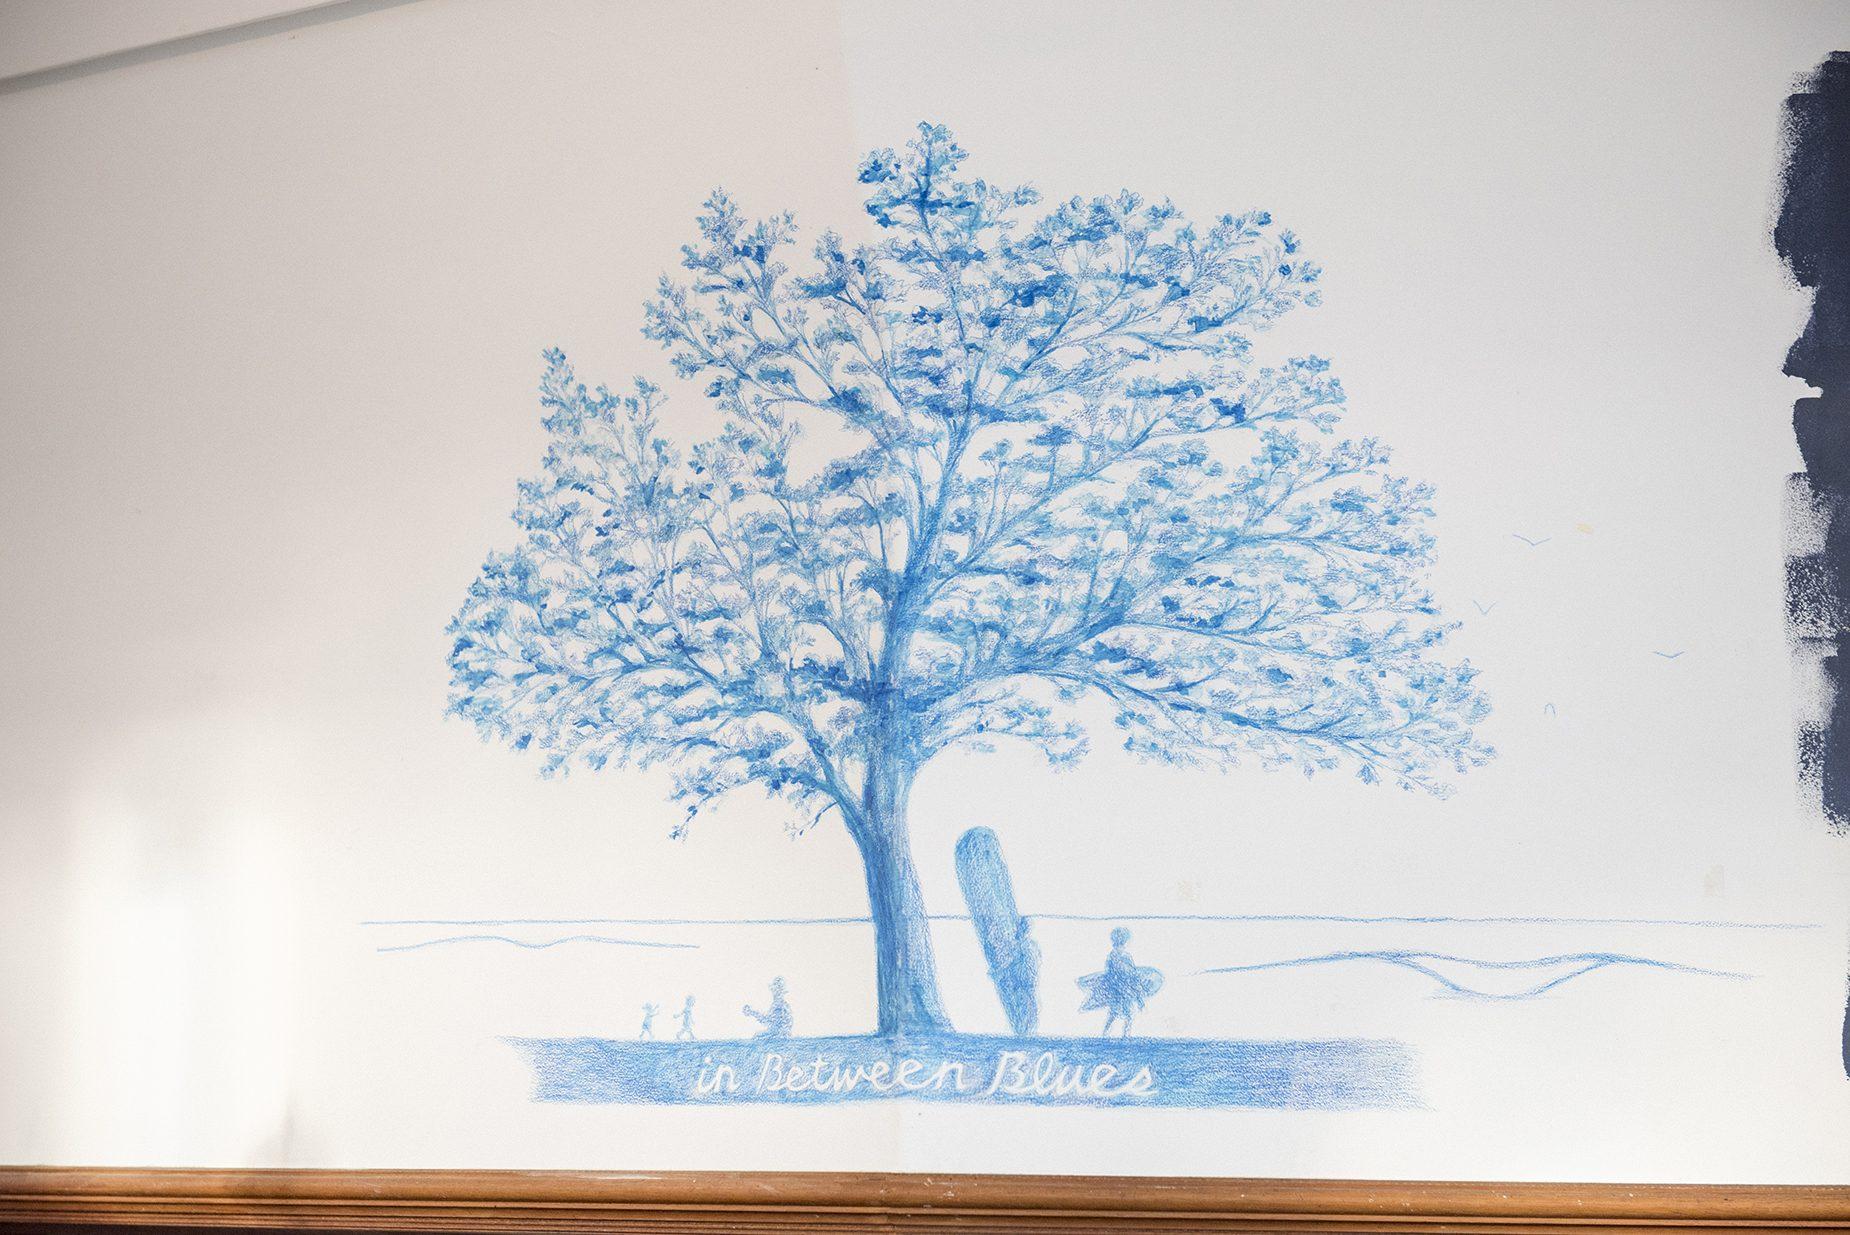 カフェのカウンターの上にある絵はジャック・ジョンソンのアルバム「in Between Dreams」のジャケットをオマージュして描いている。